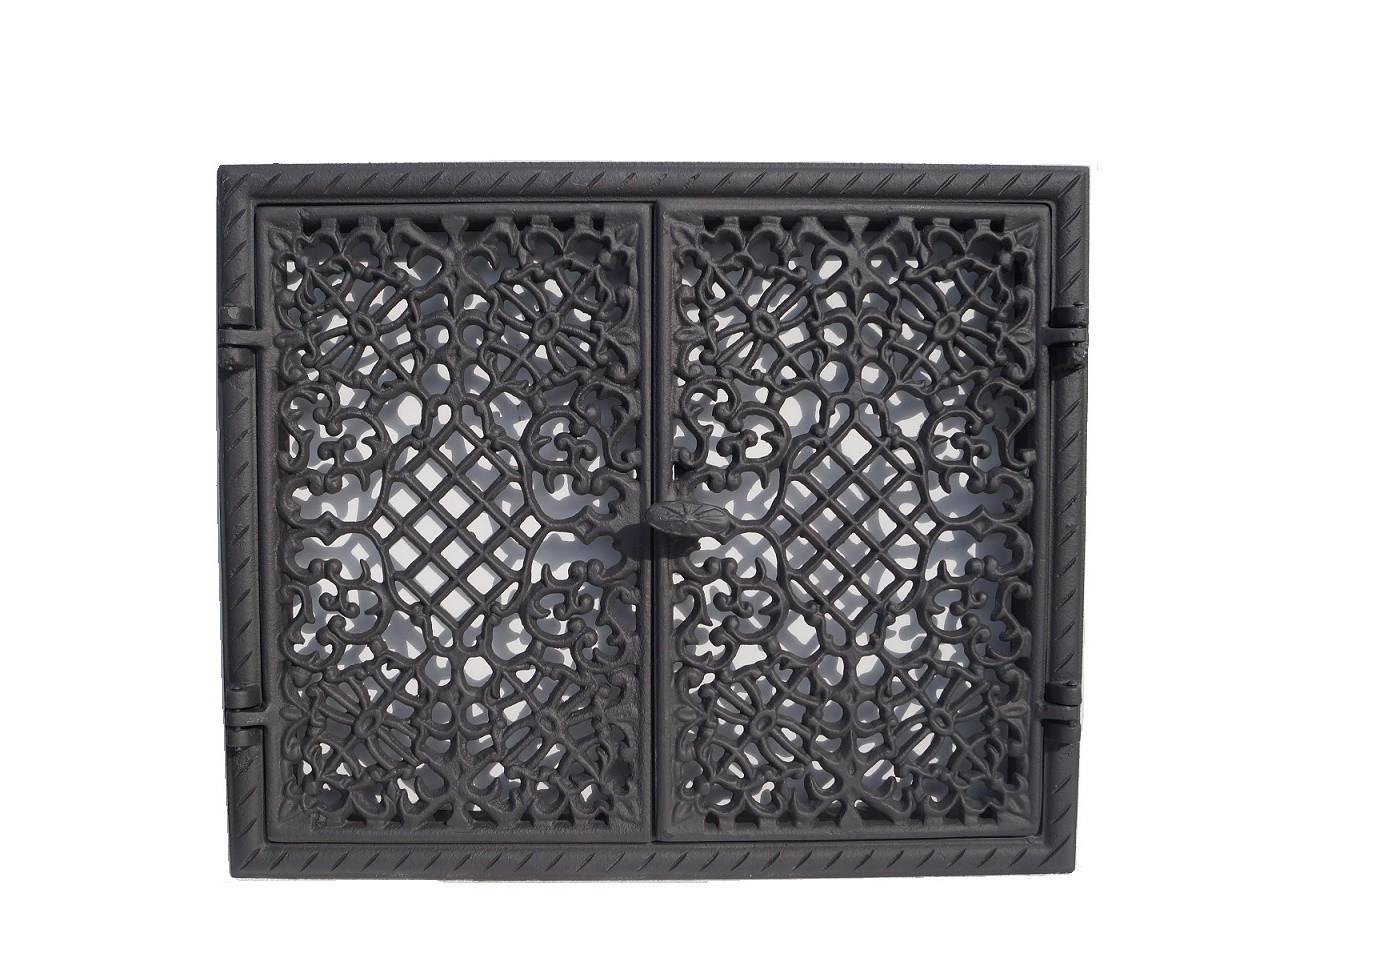 drzwiczki żeliwne ażurowe prostokątne dwuskrzydłowe do kominka wędzarni grilla 00027